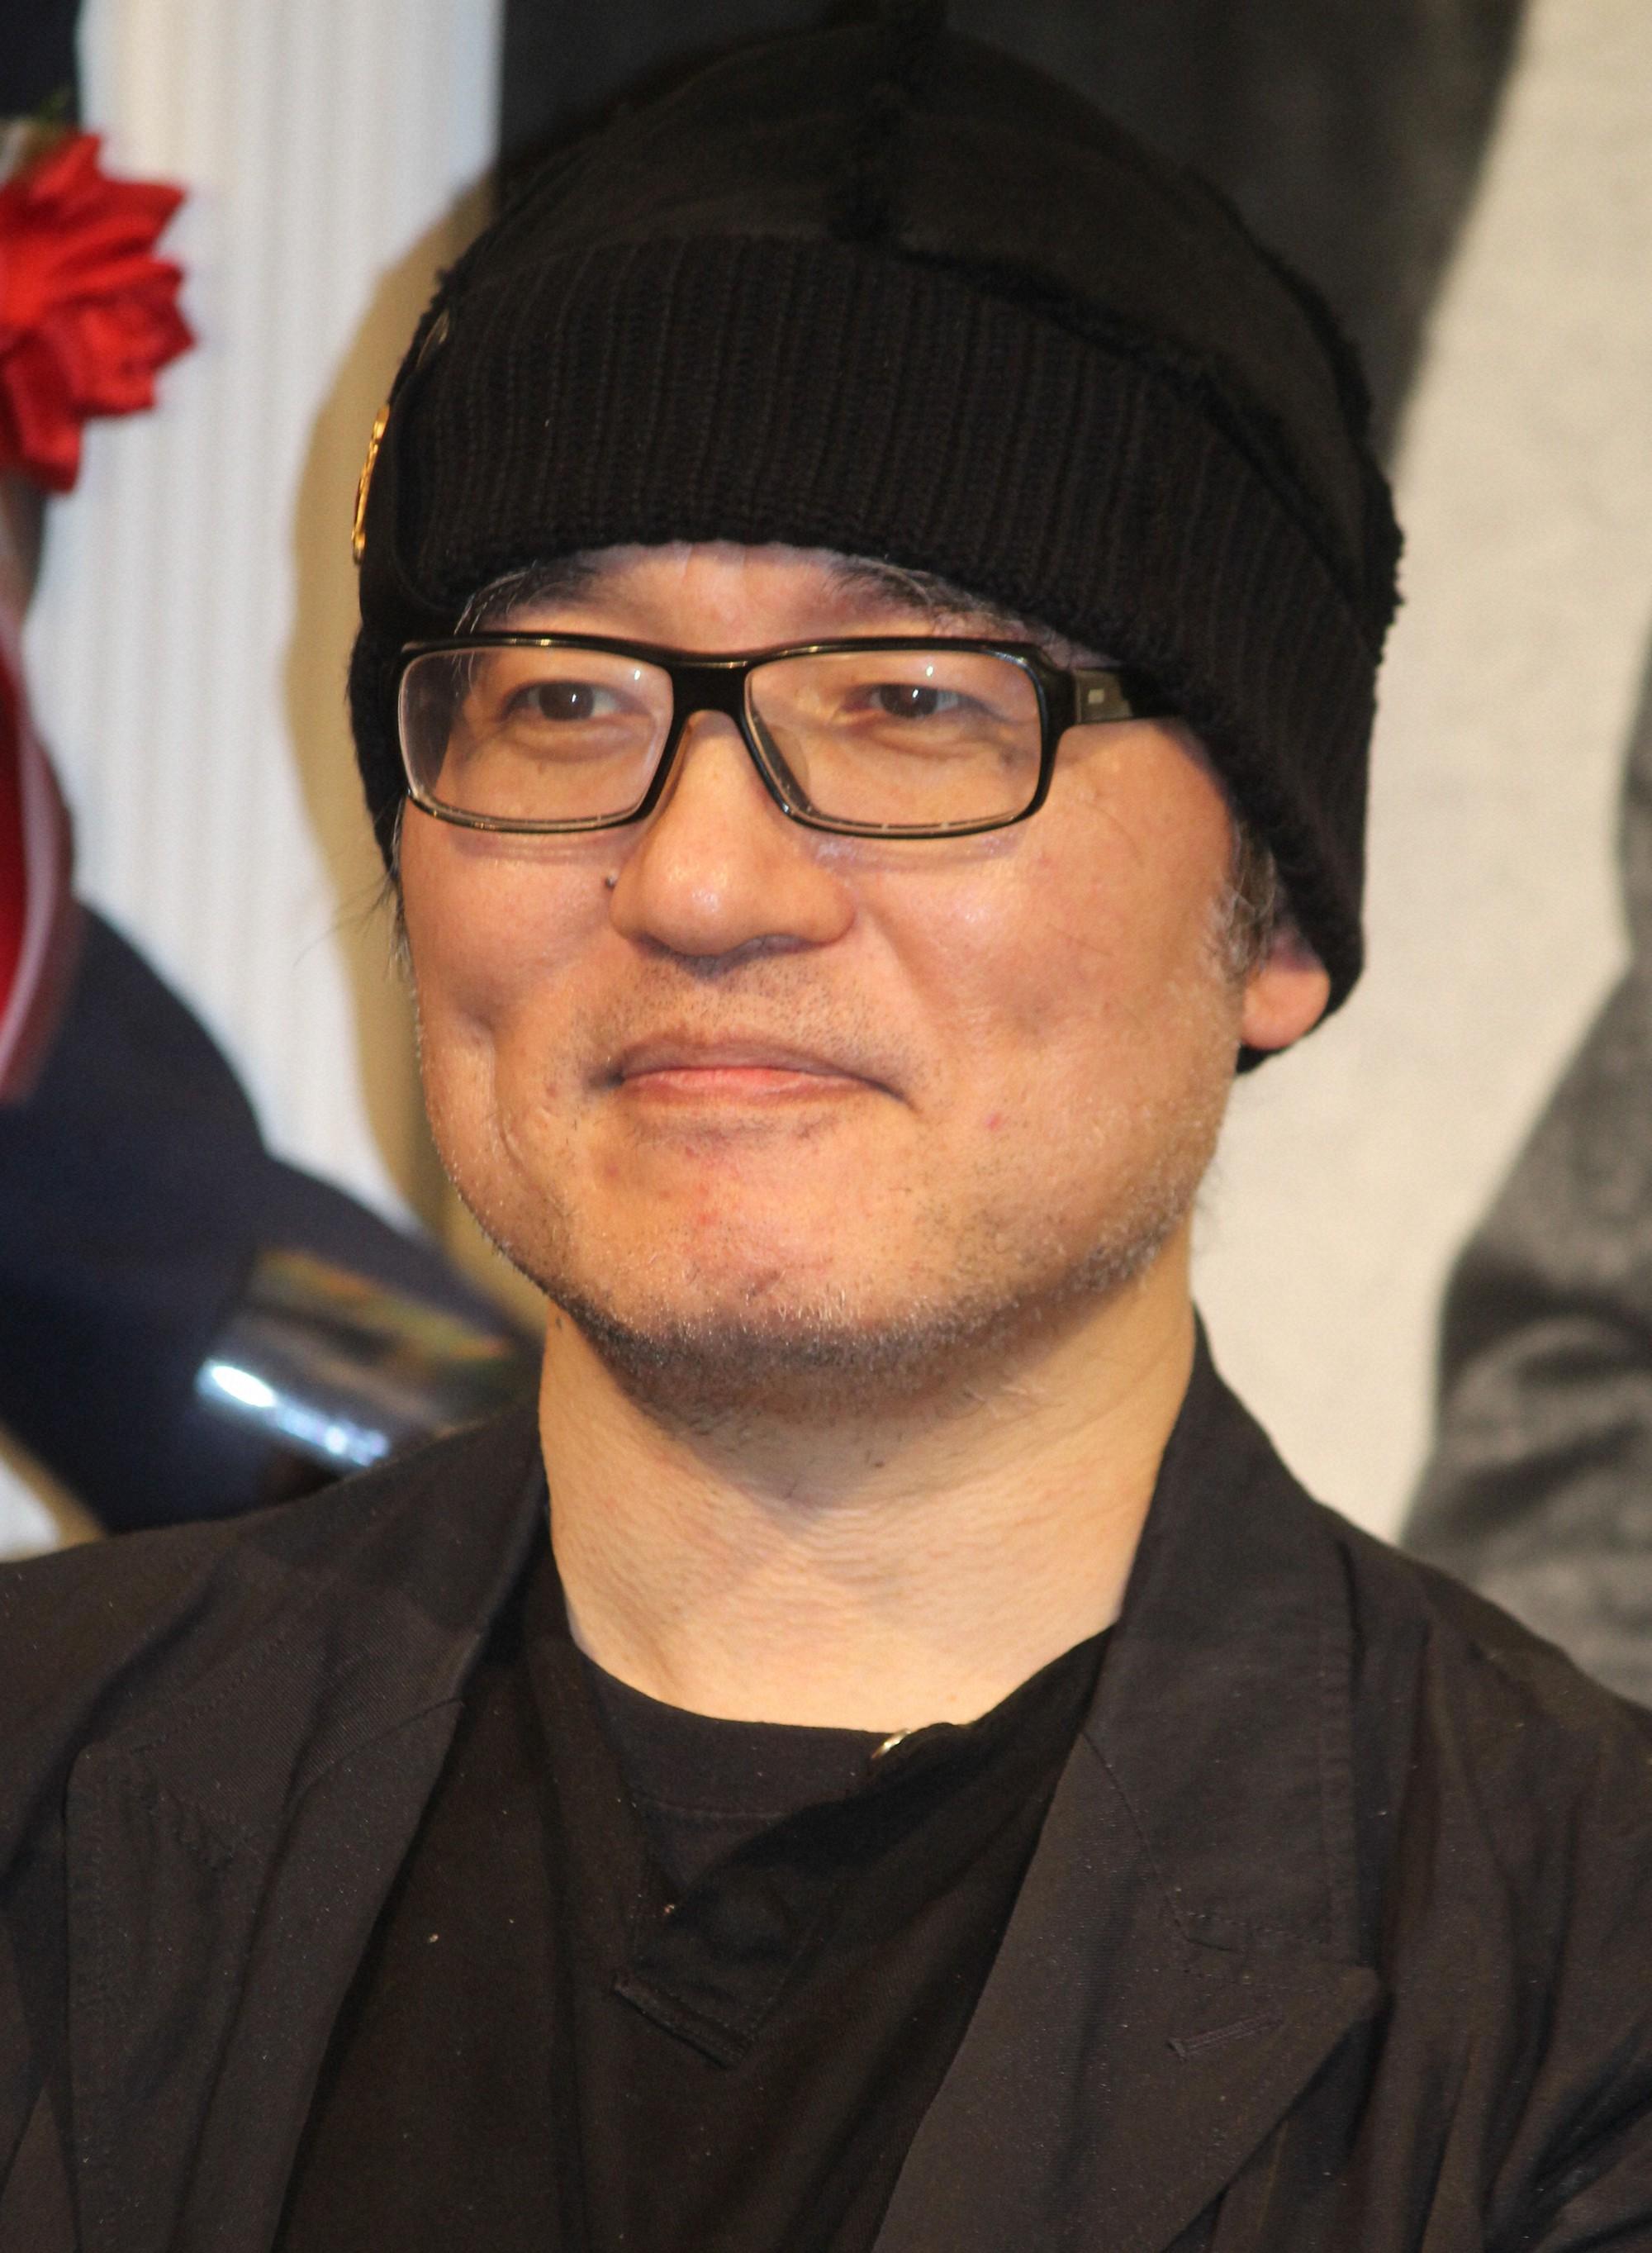 Tác giả vừa cho biết 4 tập nữa Conan sẽ kết thúc, độc giả kẻ khóc người cười